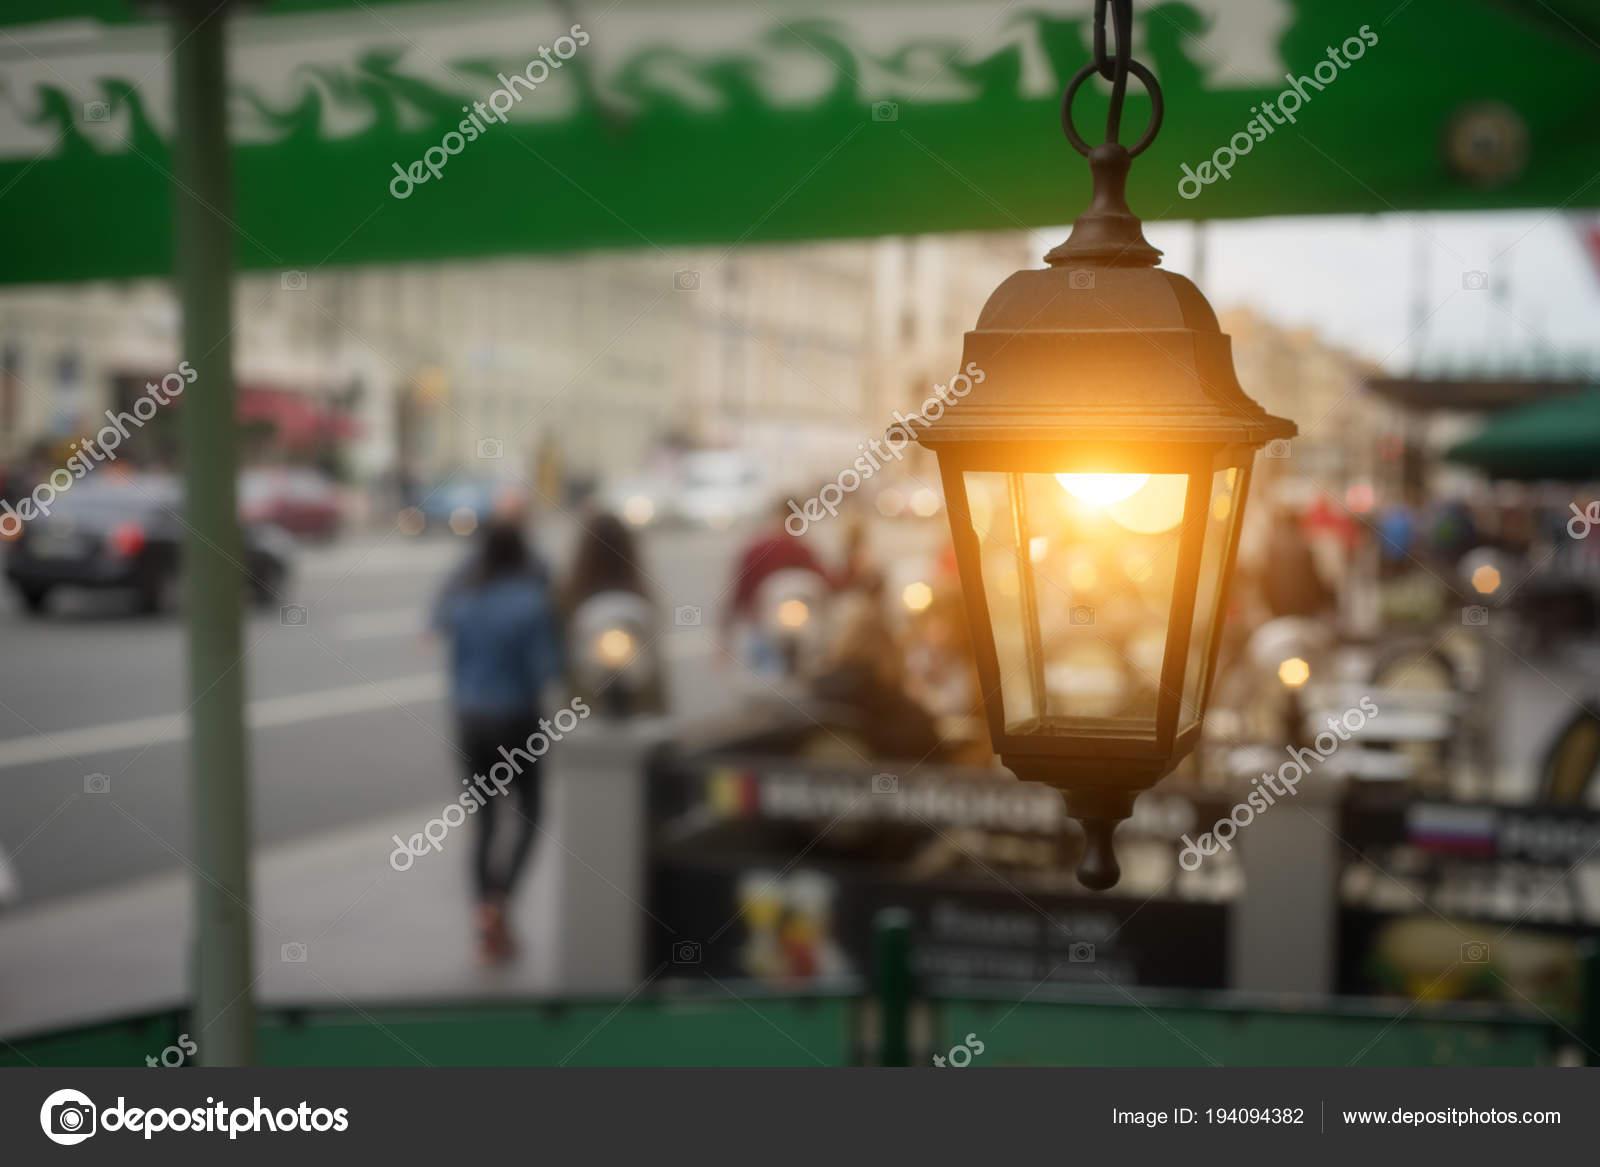 https://st3.depositphotos.com/6239660/19409/i/1600/depositphotos_194094382-stockafbeelding-tuin-verlichting-met-solar-batterij.jpg